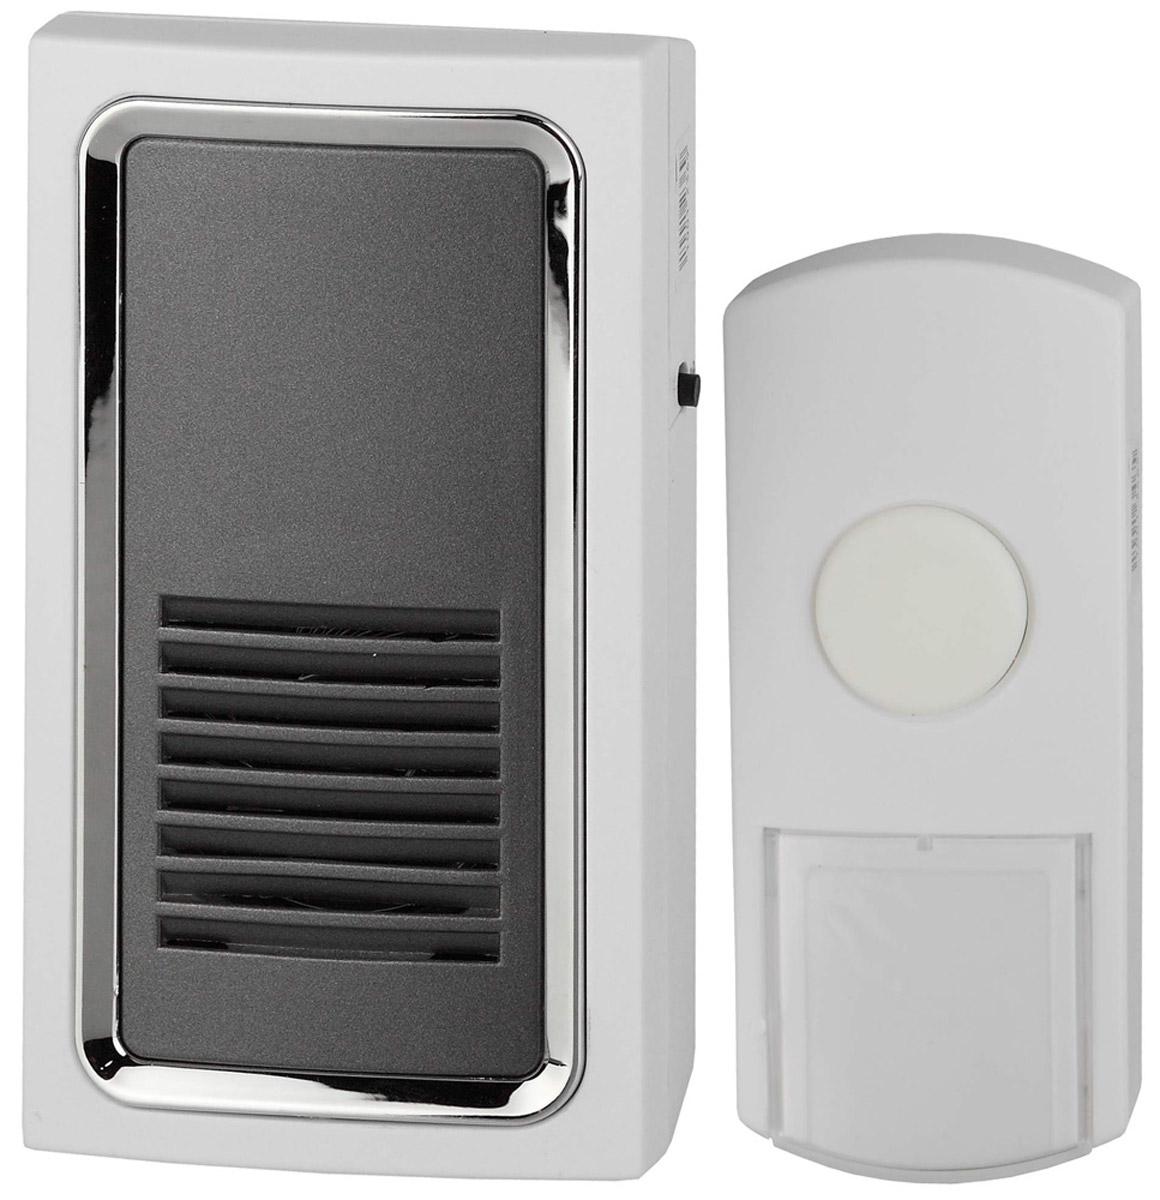 ЭРА C96 беспроводной звонок, от сетиC96Беспроводной звонок ЭРА C96 быстро устанавливается в квартирах, домах, административных или офисных учреждениях. Исключает необходимость прокладки кабеля и монтажных работ. Долговечен, безопасен в эксплуатации.